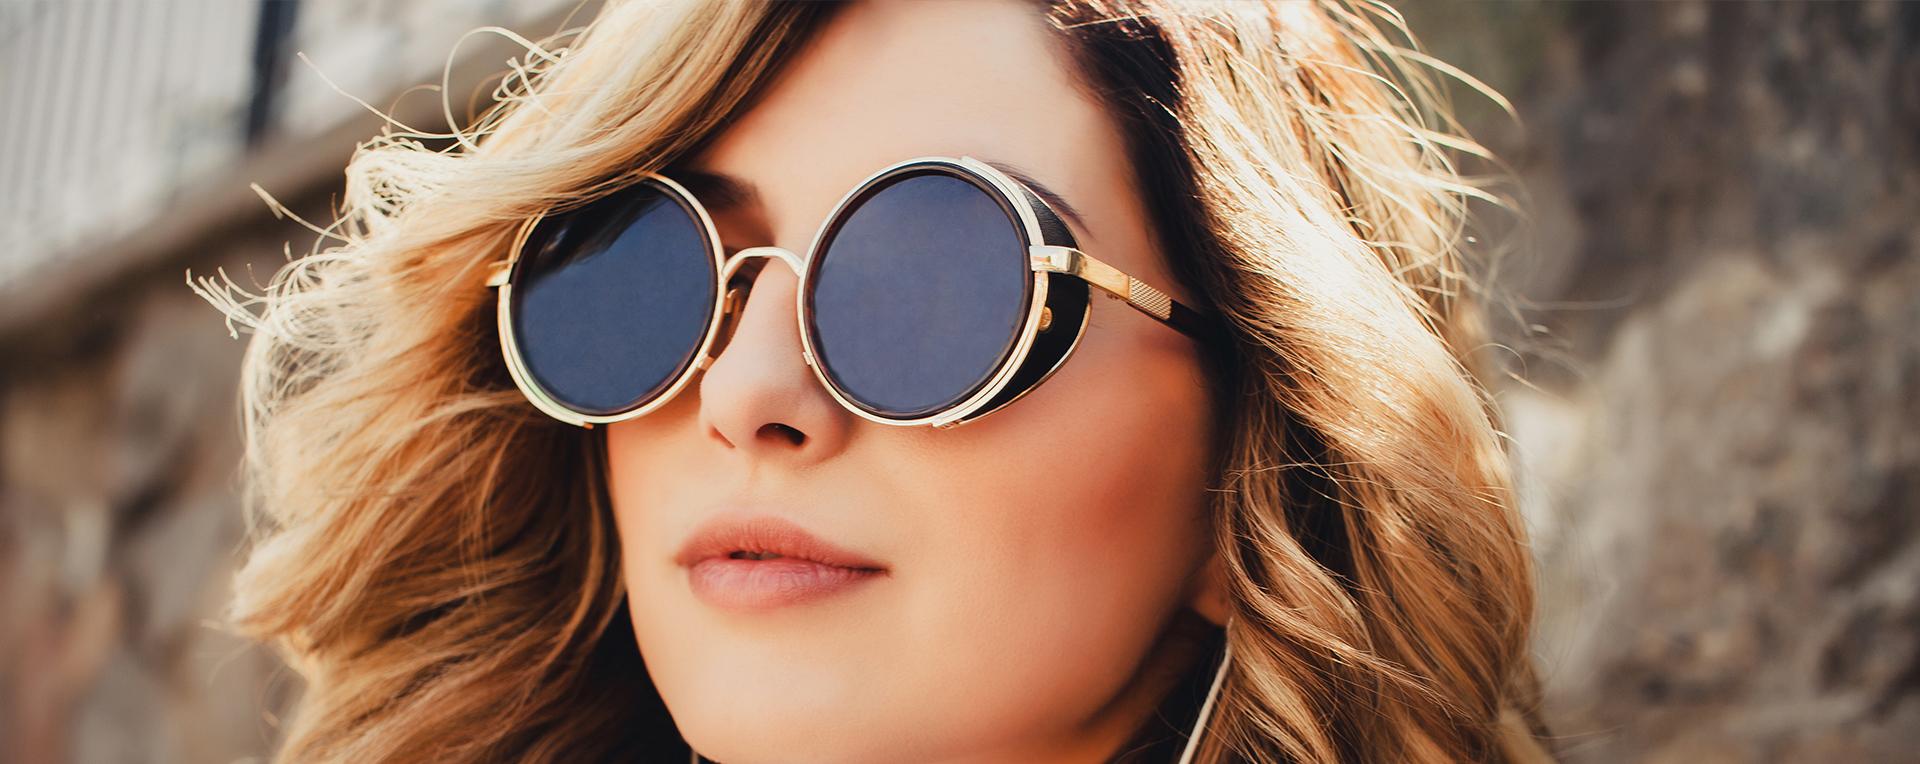 5c71584cf3ec8 Oculos de sol